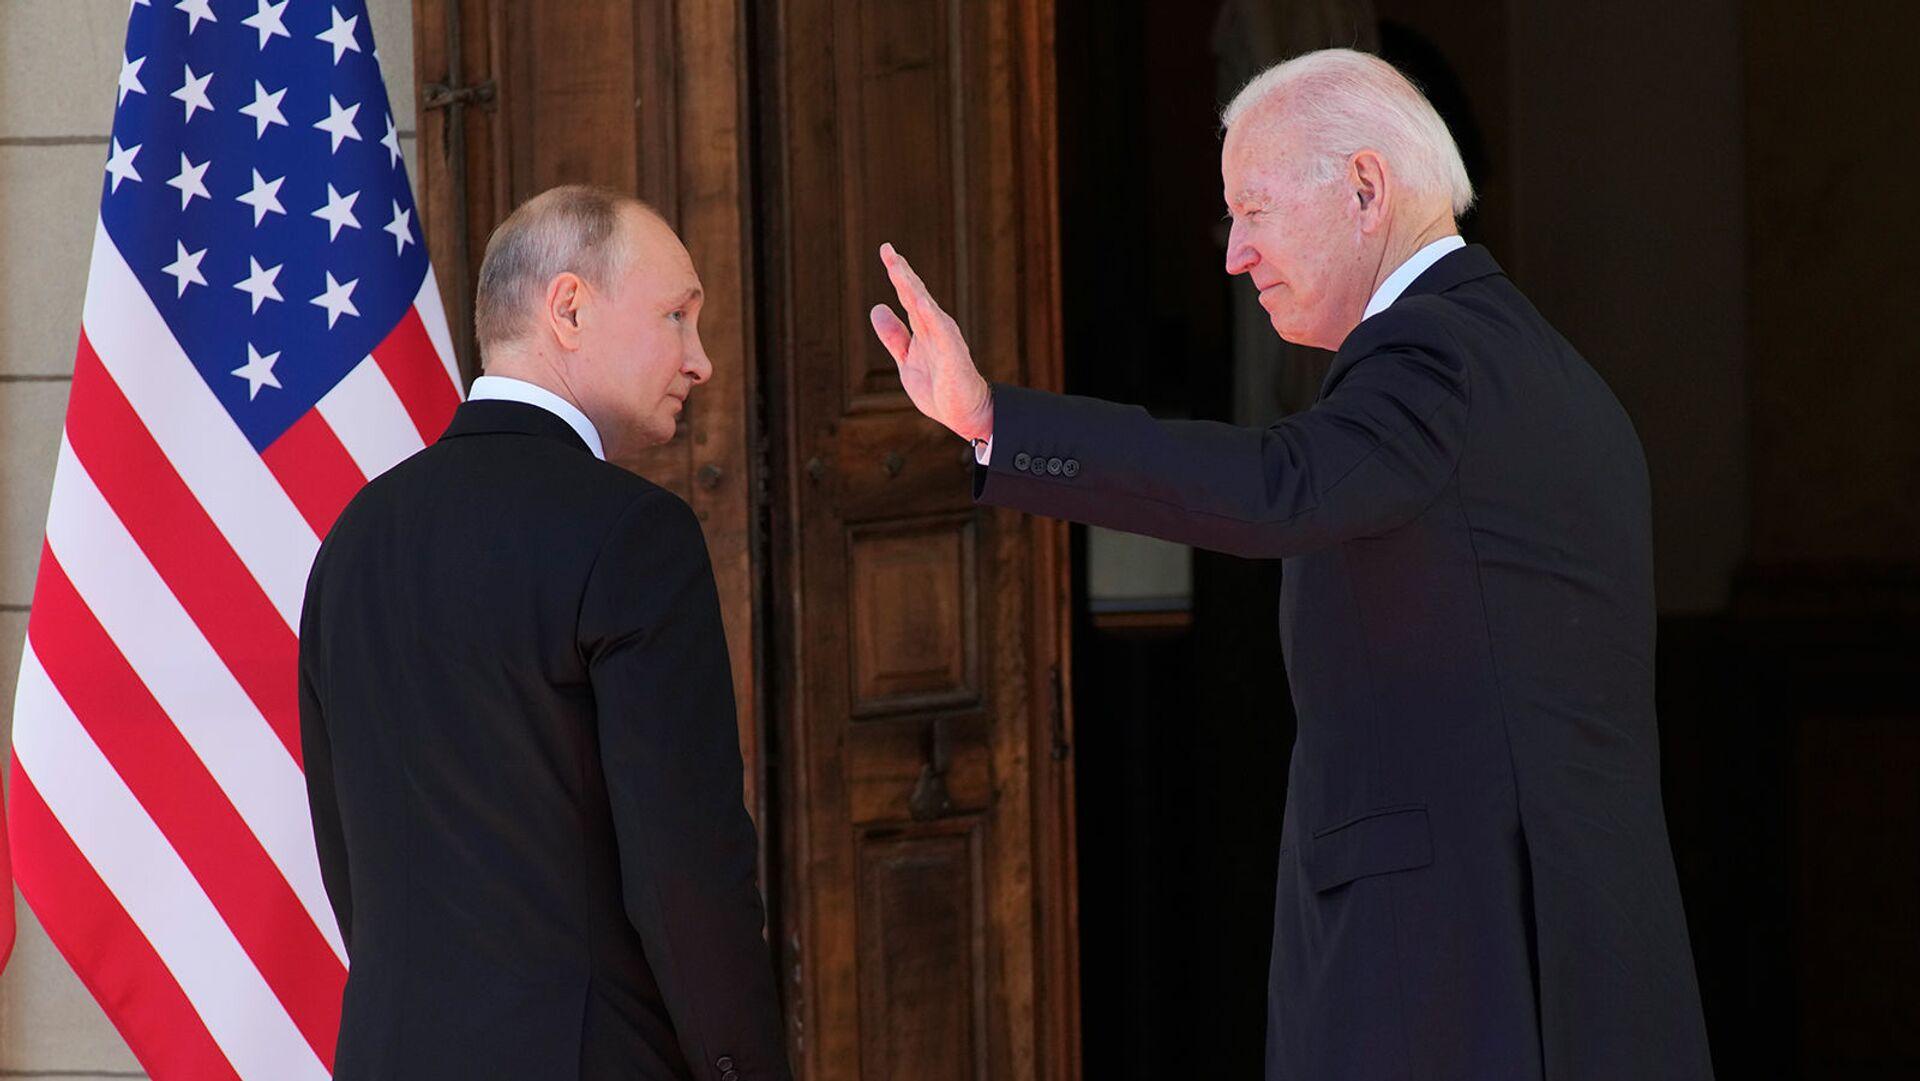 Президенты России и США Владимир Путин и Джо Байден входят в Виллу Ла Гранж во время их встречи (16 июня 2021). Женева - Sputnik Армения, 1920, 22.09.2021